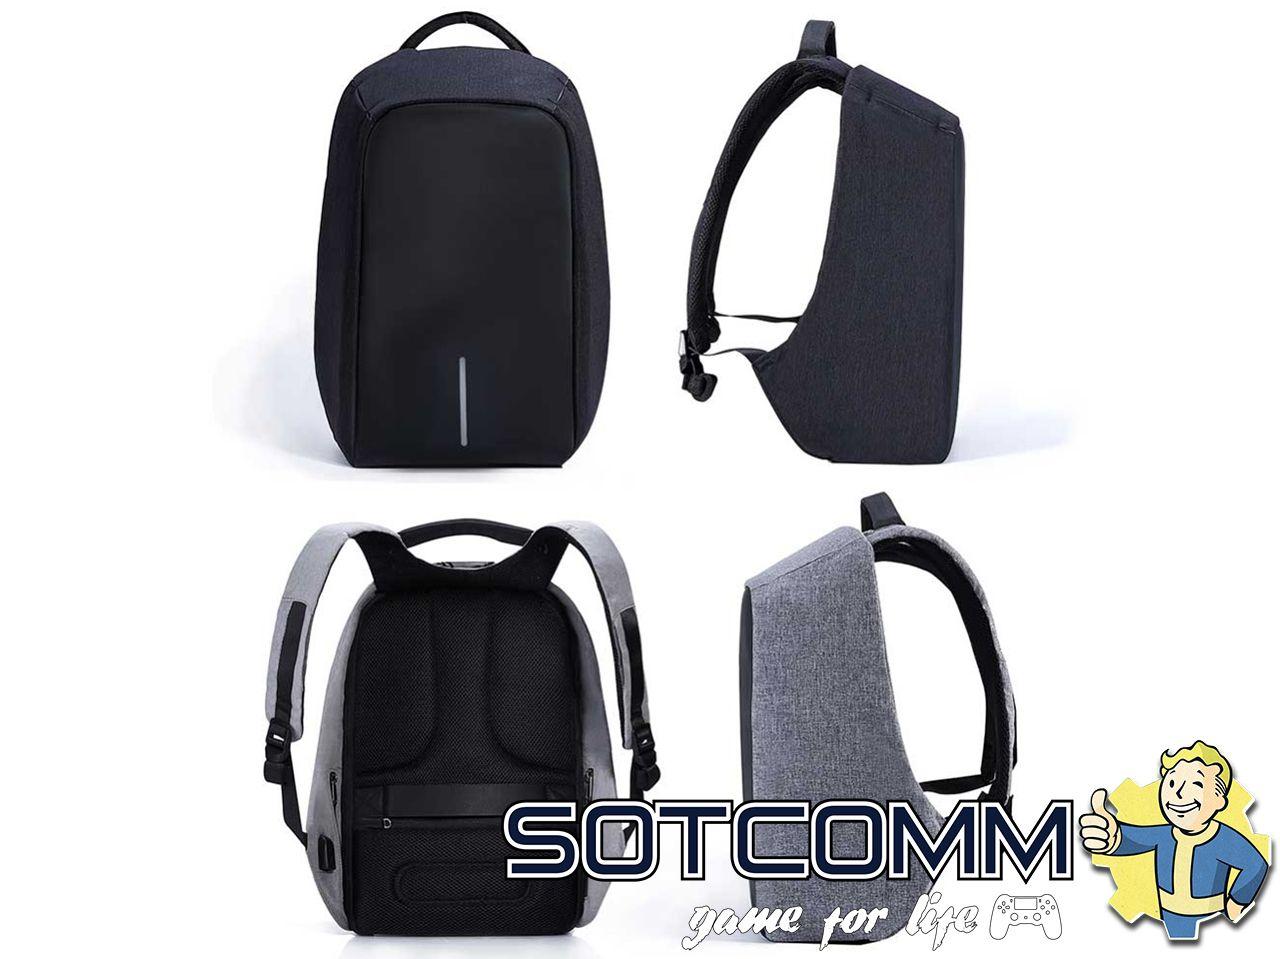 Рюкзак XD Design Bobby с защитой от воров купить в Челябинске